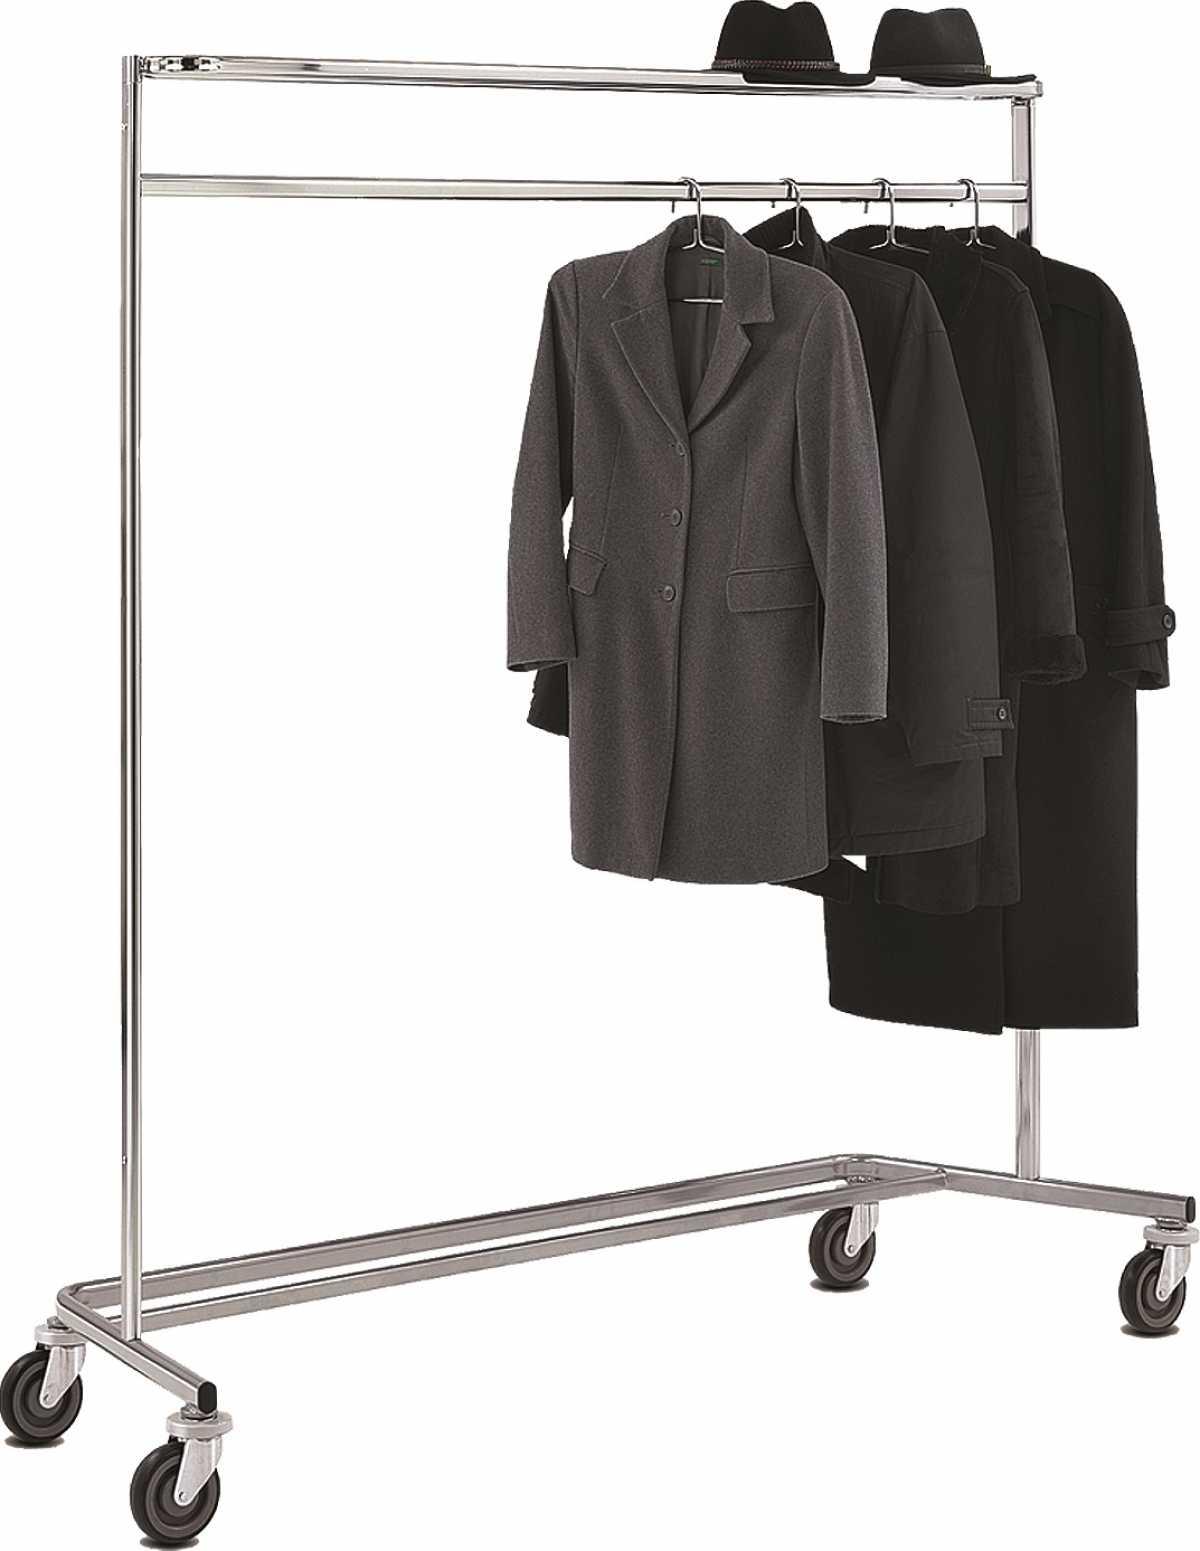 WANZL Mobil Giysi Askısı GR